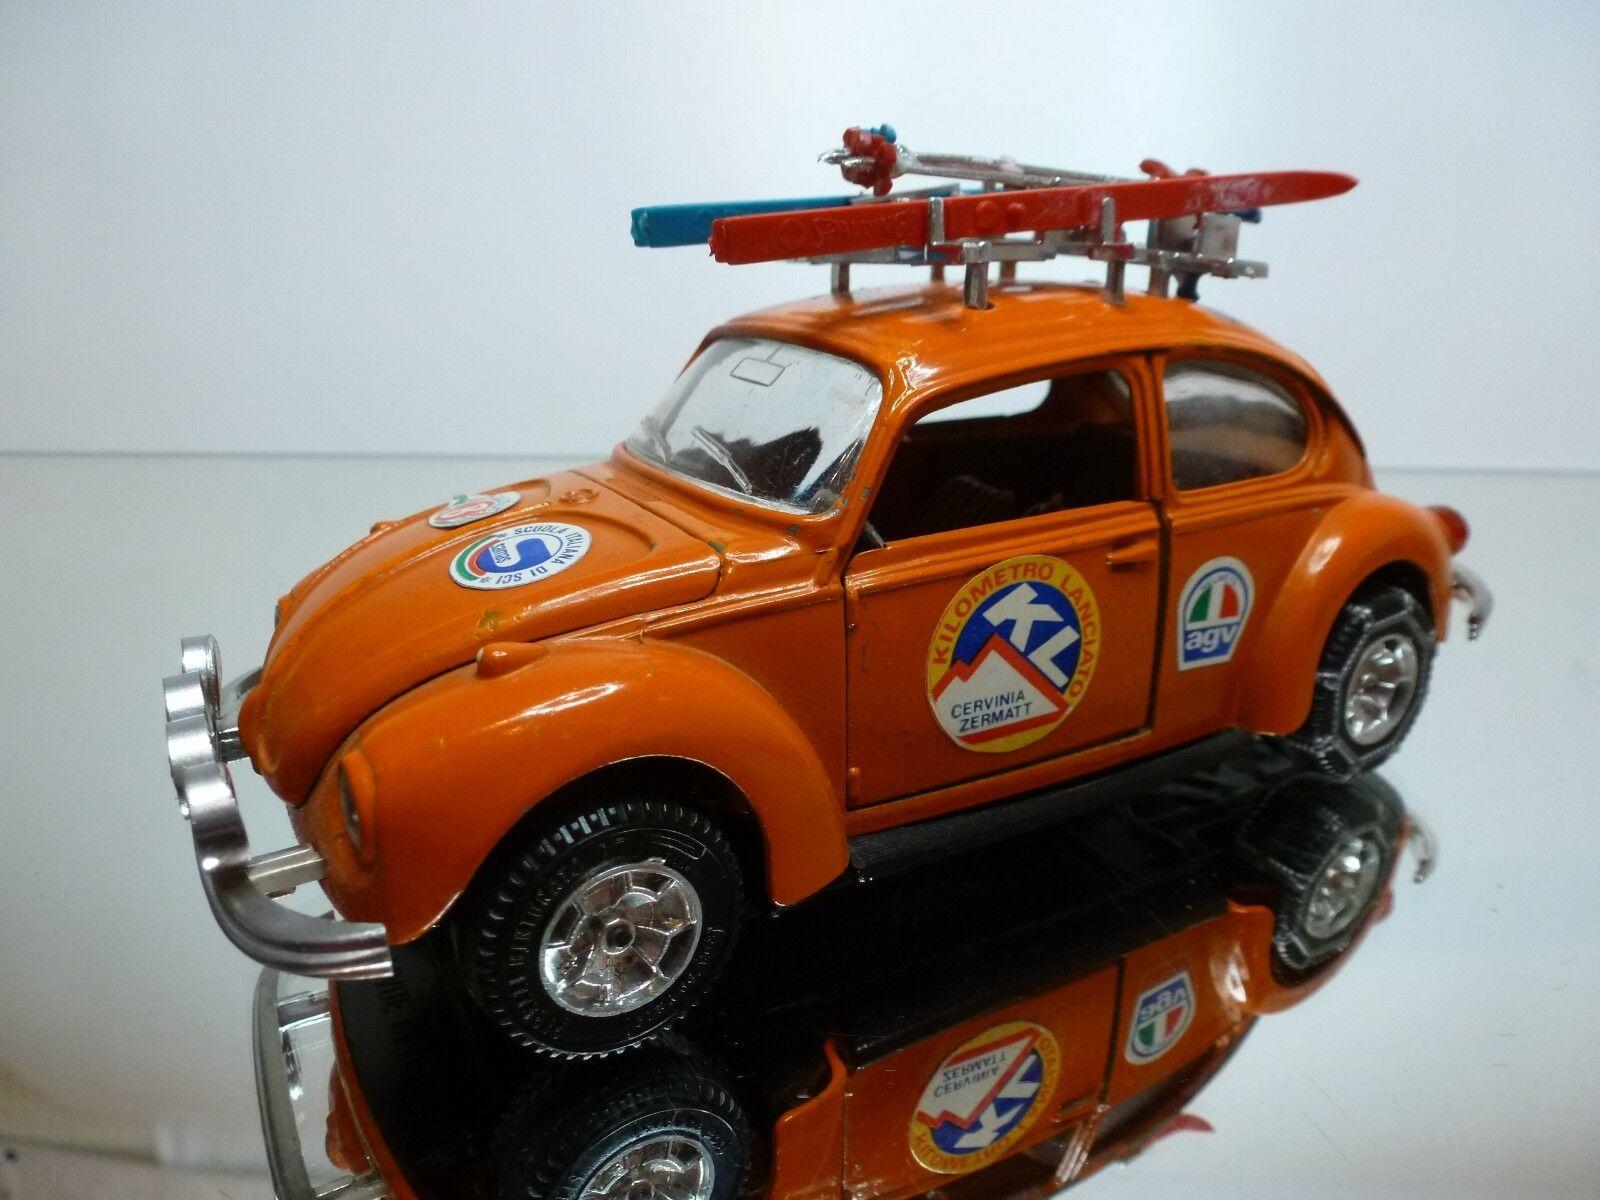 MEBETOYS 8615 VW VOLKSWAGEN BEETLE SKI ZERMATT - Orange 1 25 - GOOD CONDITION